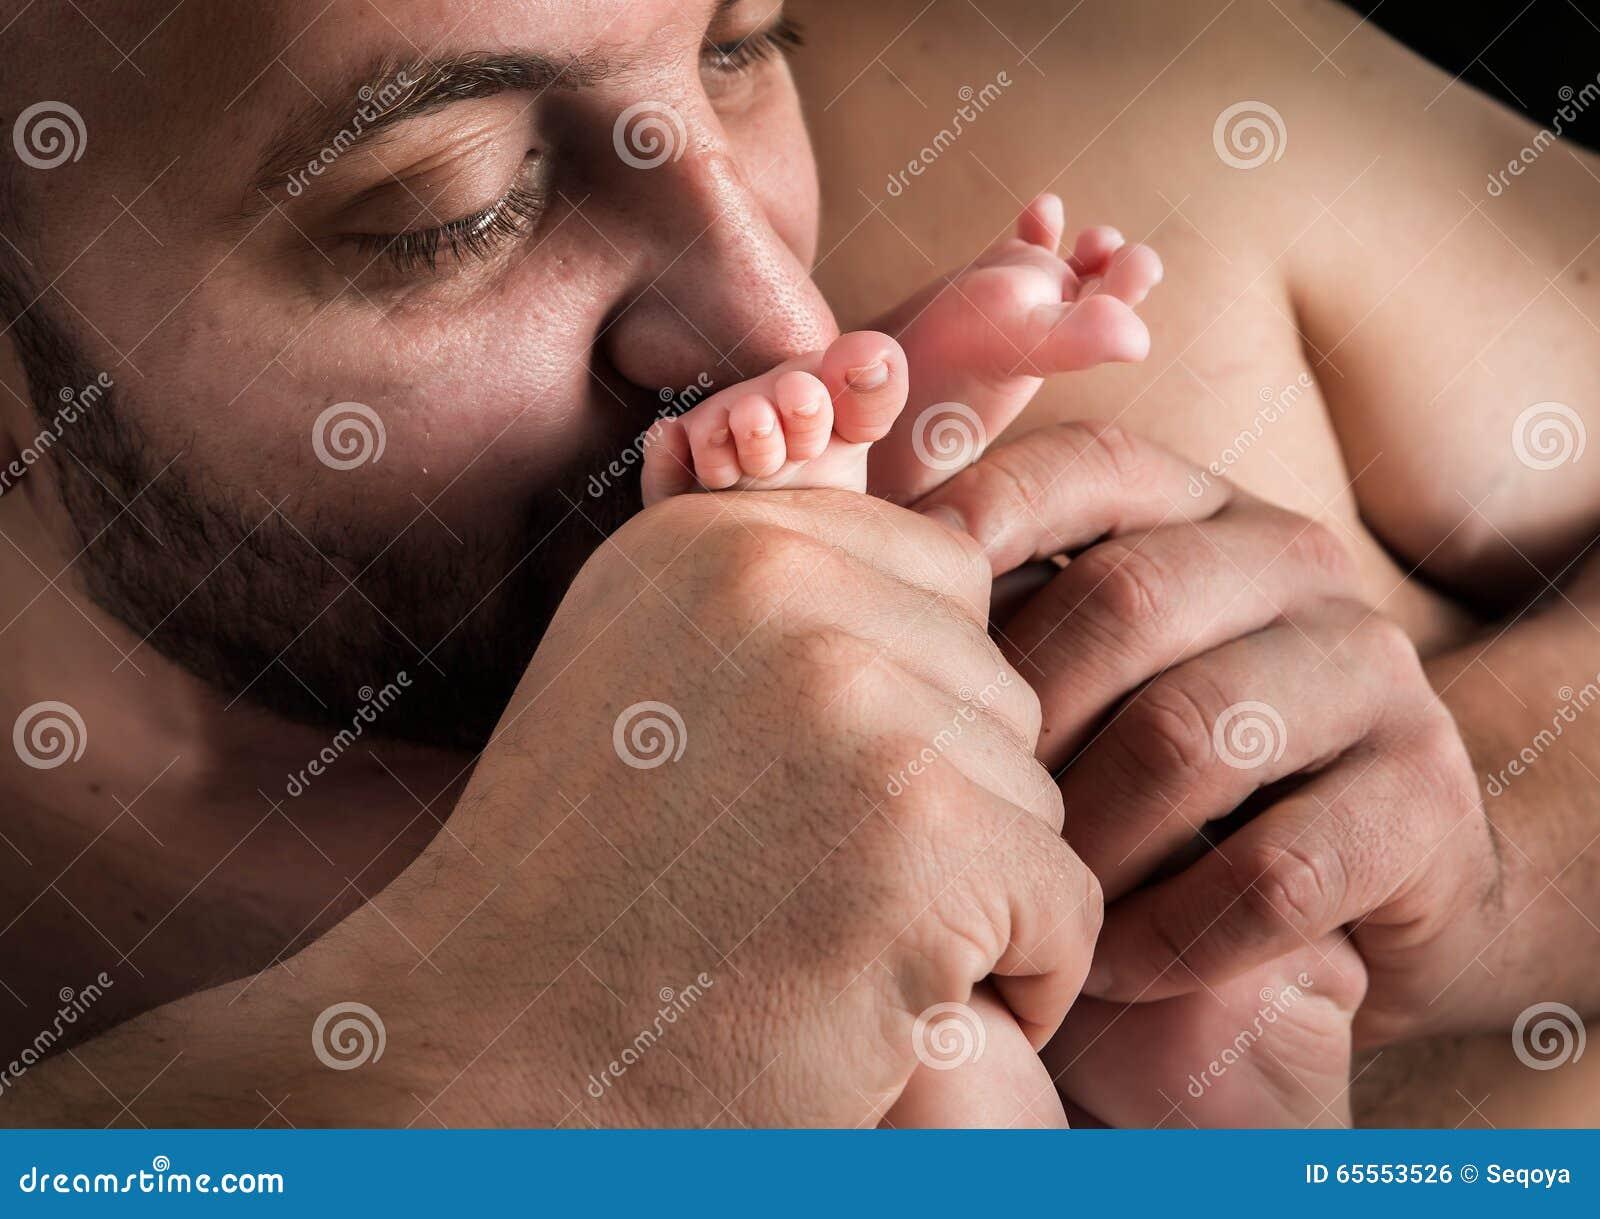 Целует ноги жене, Муж целует ноги жене - сборник красивых стихов в Доме 23 фотография